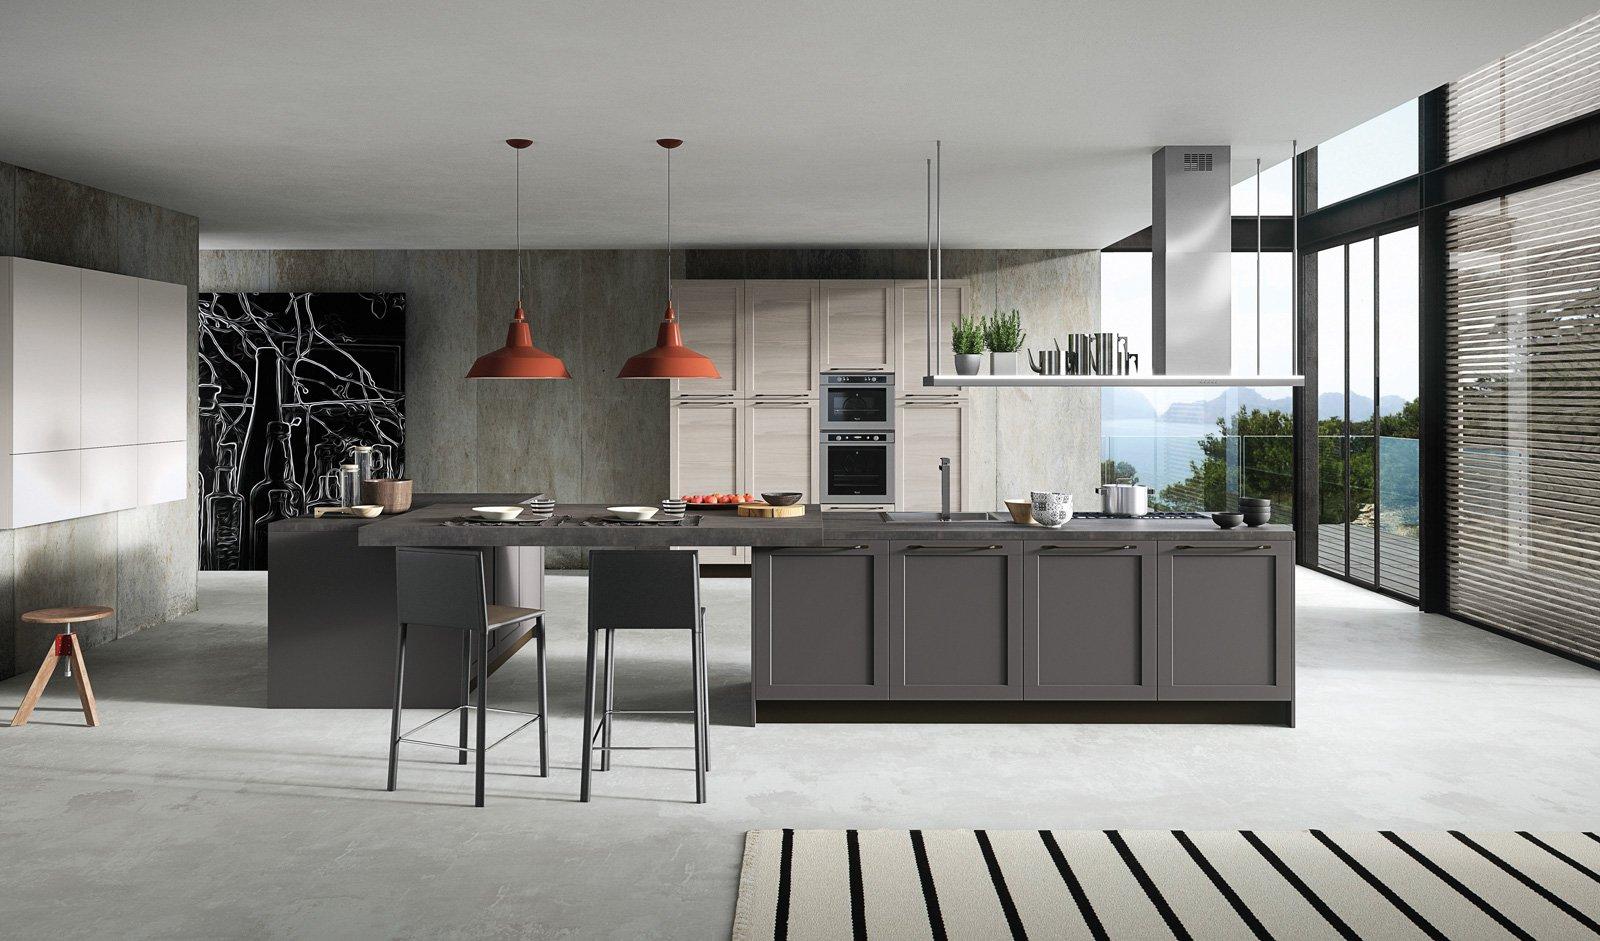 Cucine con ante riquadrate o a telaio cose di casa - Cucine arredo 3 ...